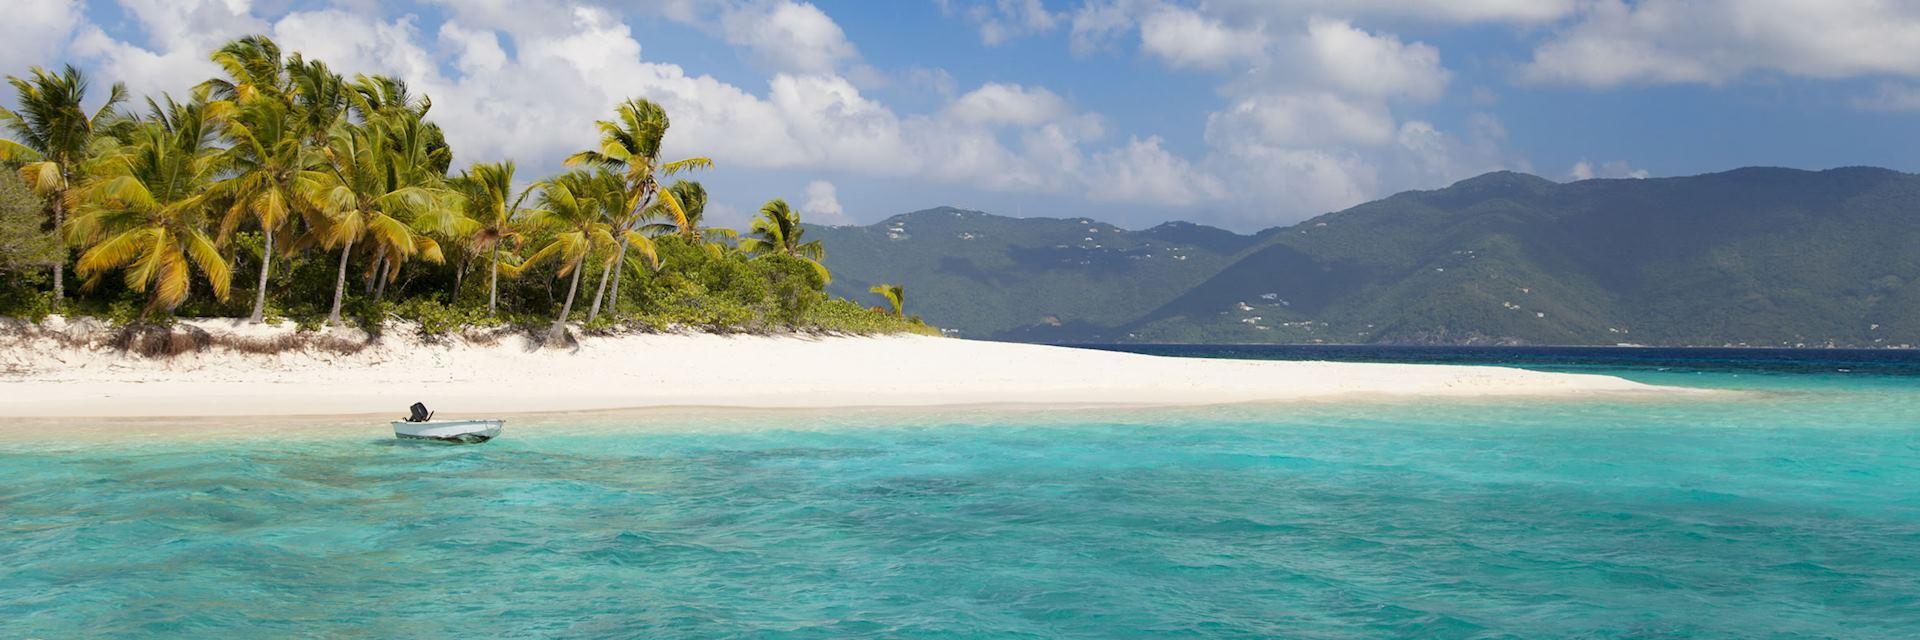 Beach on Tortola